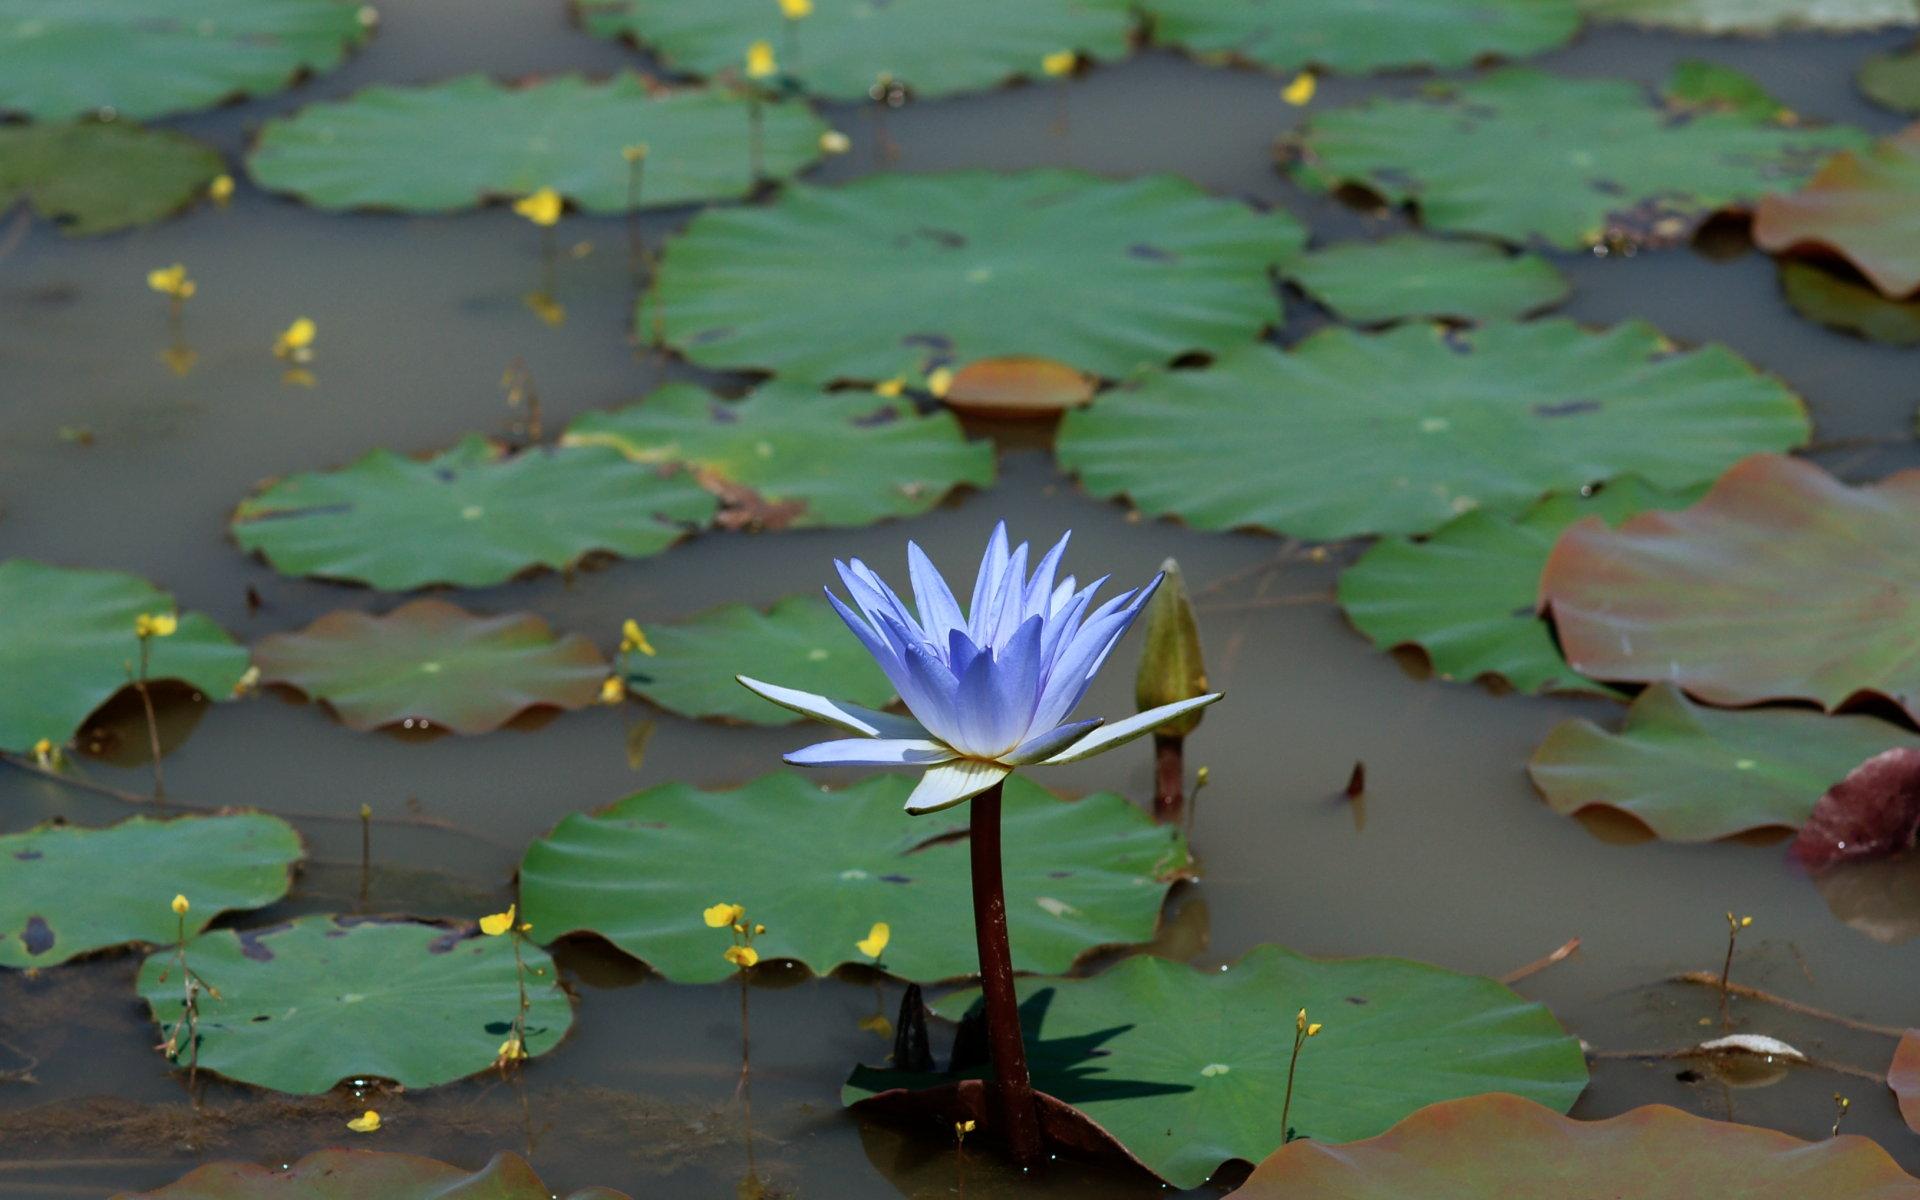 Water Lotus Wallpaper Wallpapersafari